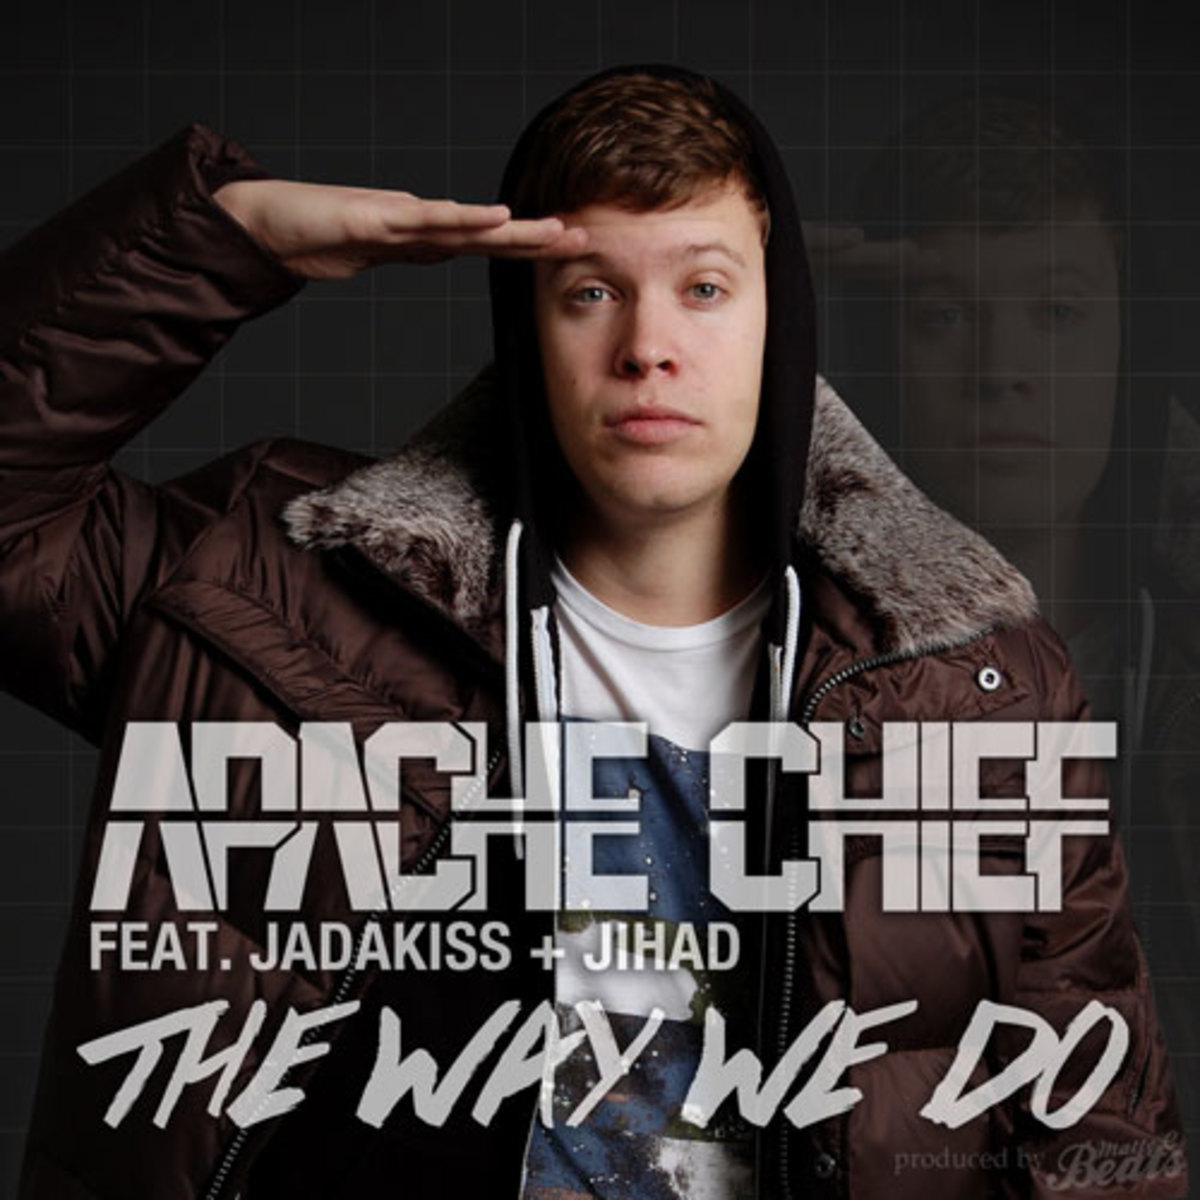 apachechief-waywe.jpg